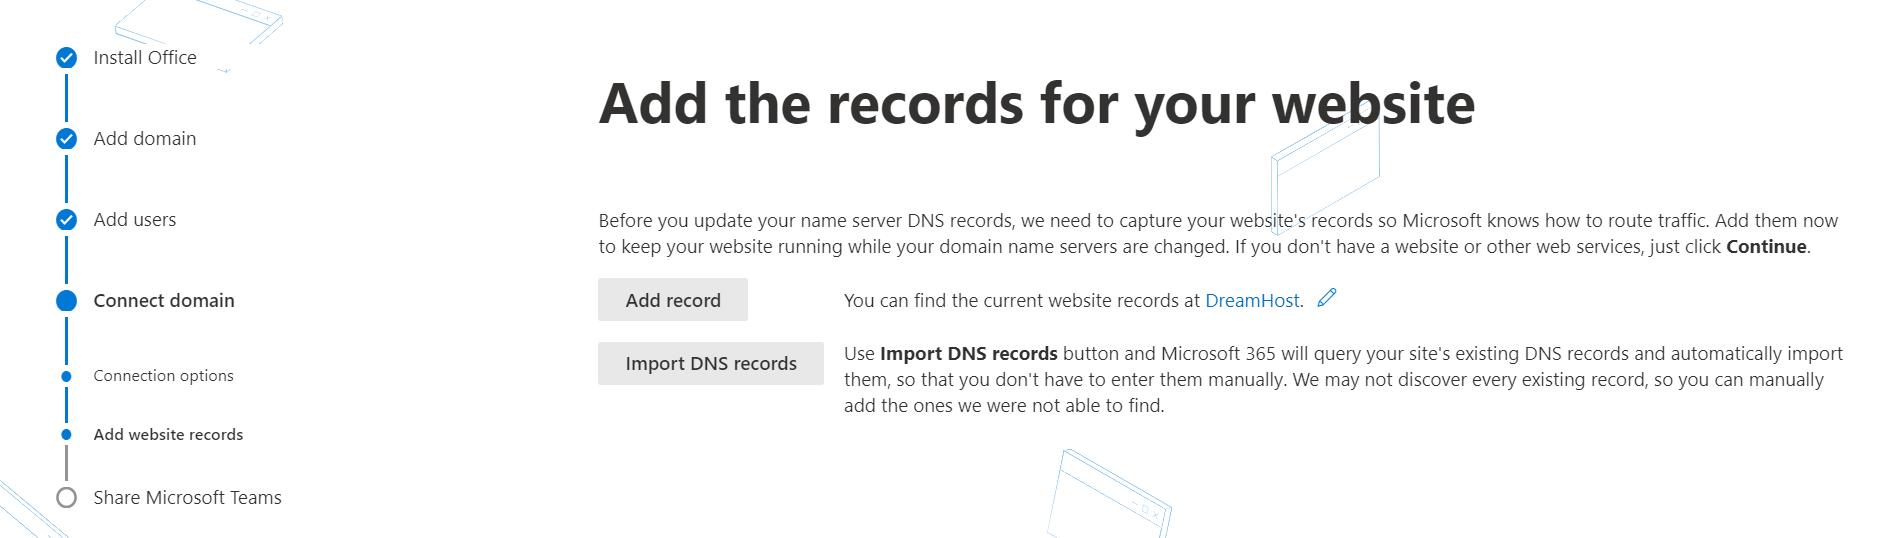 La configuración de una dirección de correo electrónico personalizada requiere agregar registros de sitios web con Office 365.